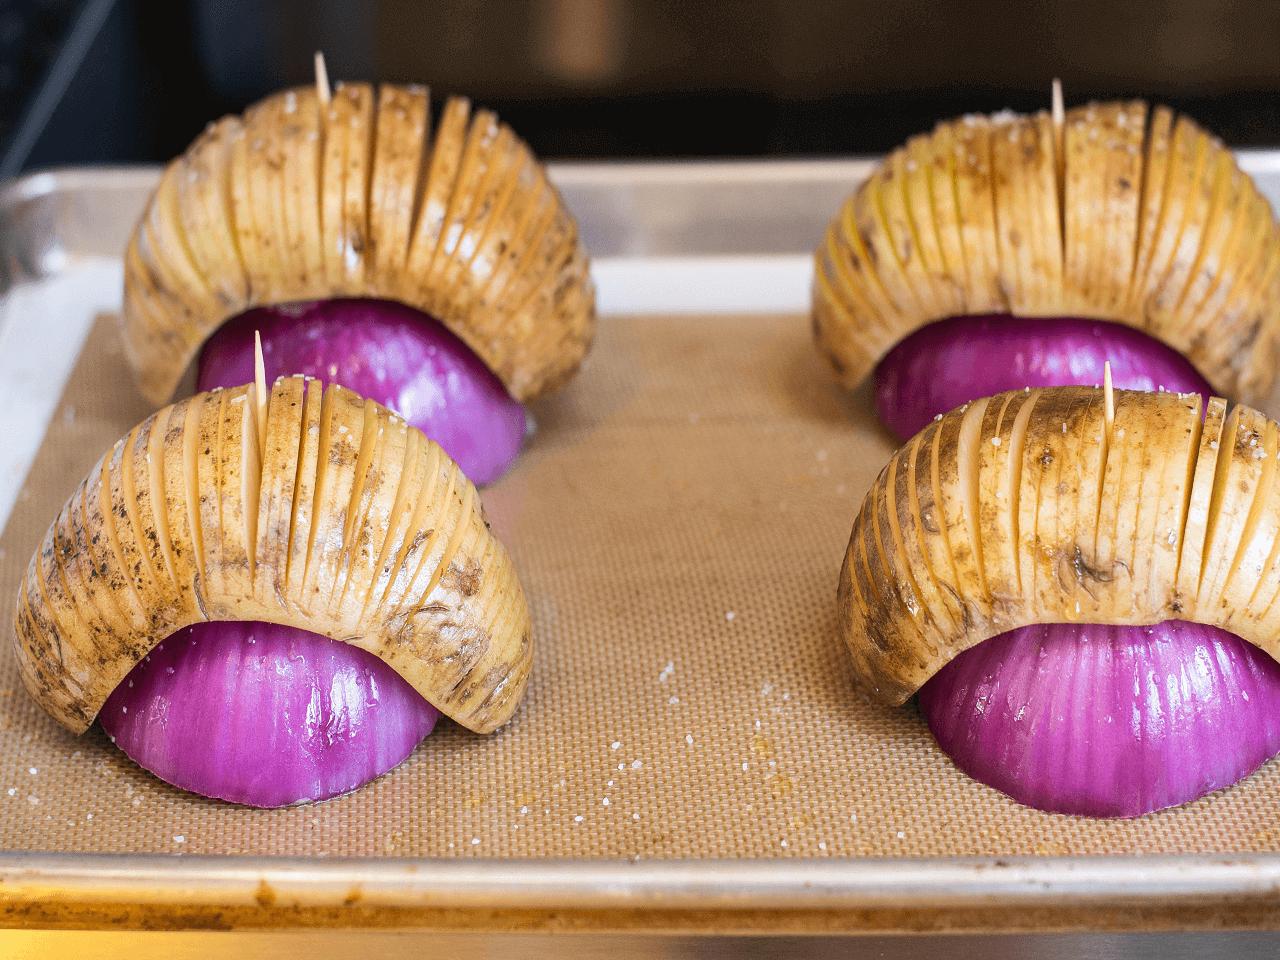 Kuru Soğan ve Patates İhracatındaki Ön İzin Şartı Kaldırıldı